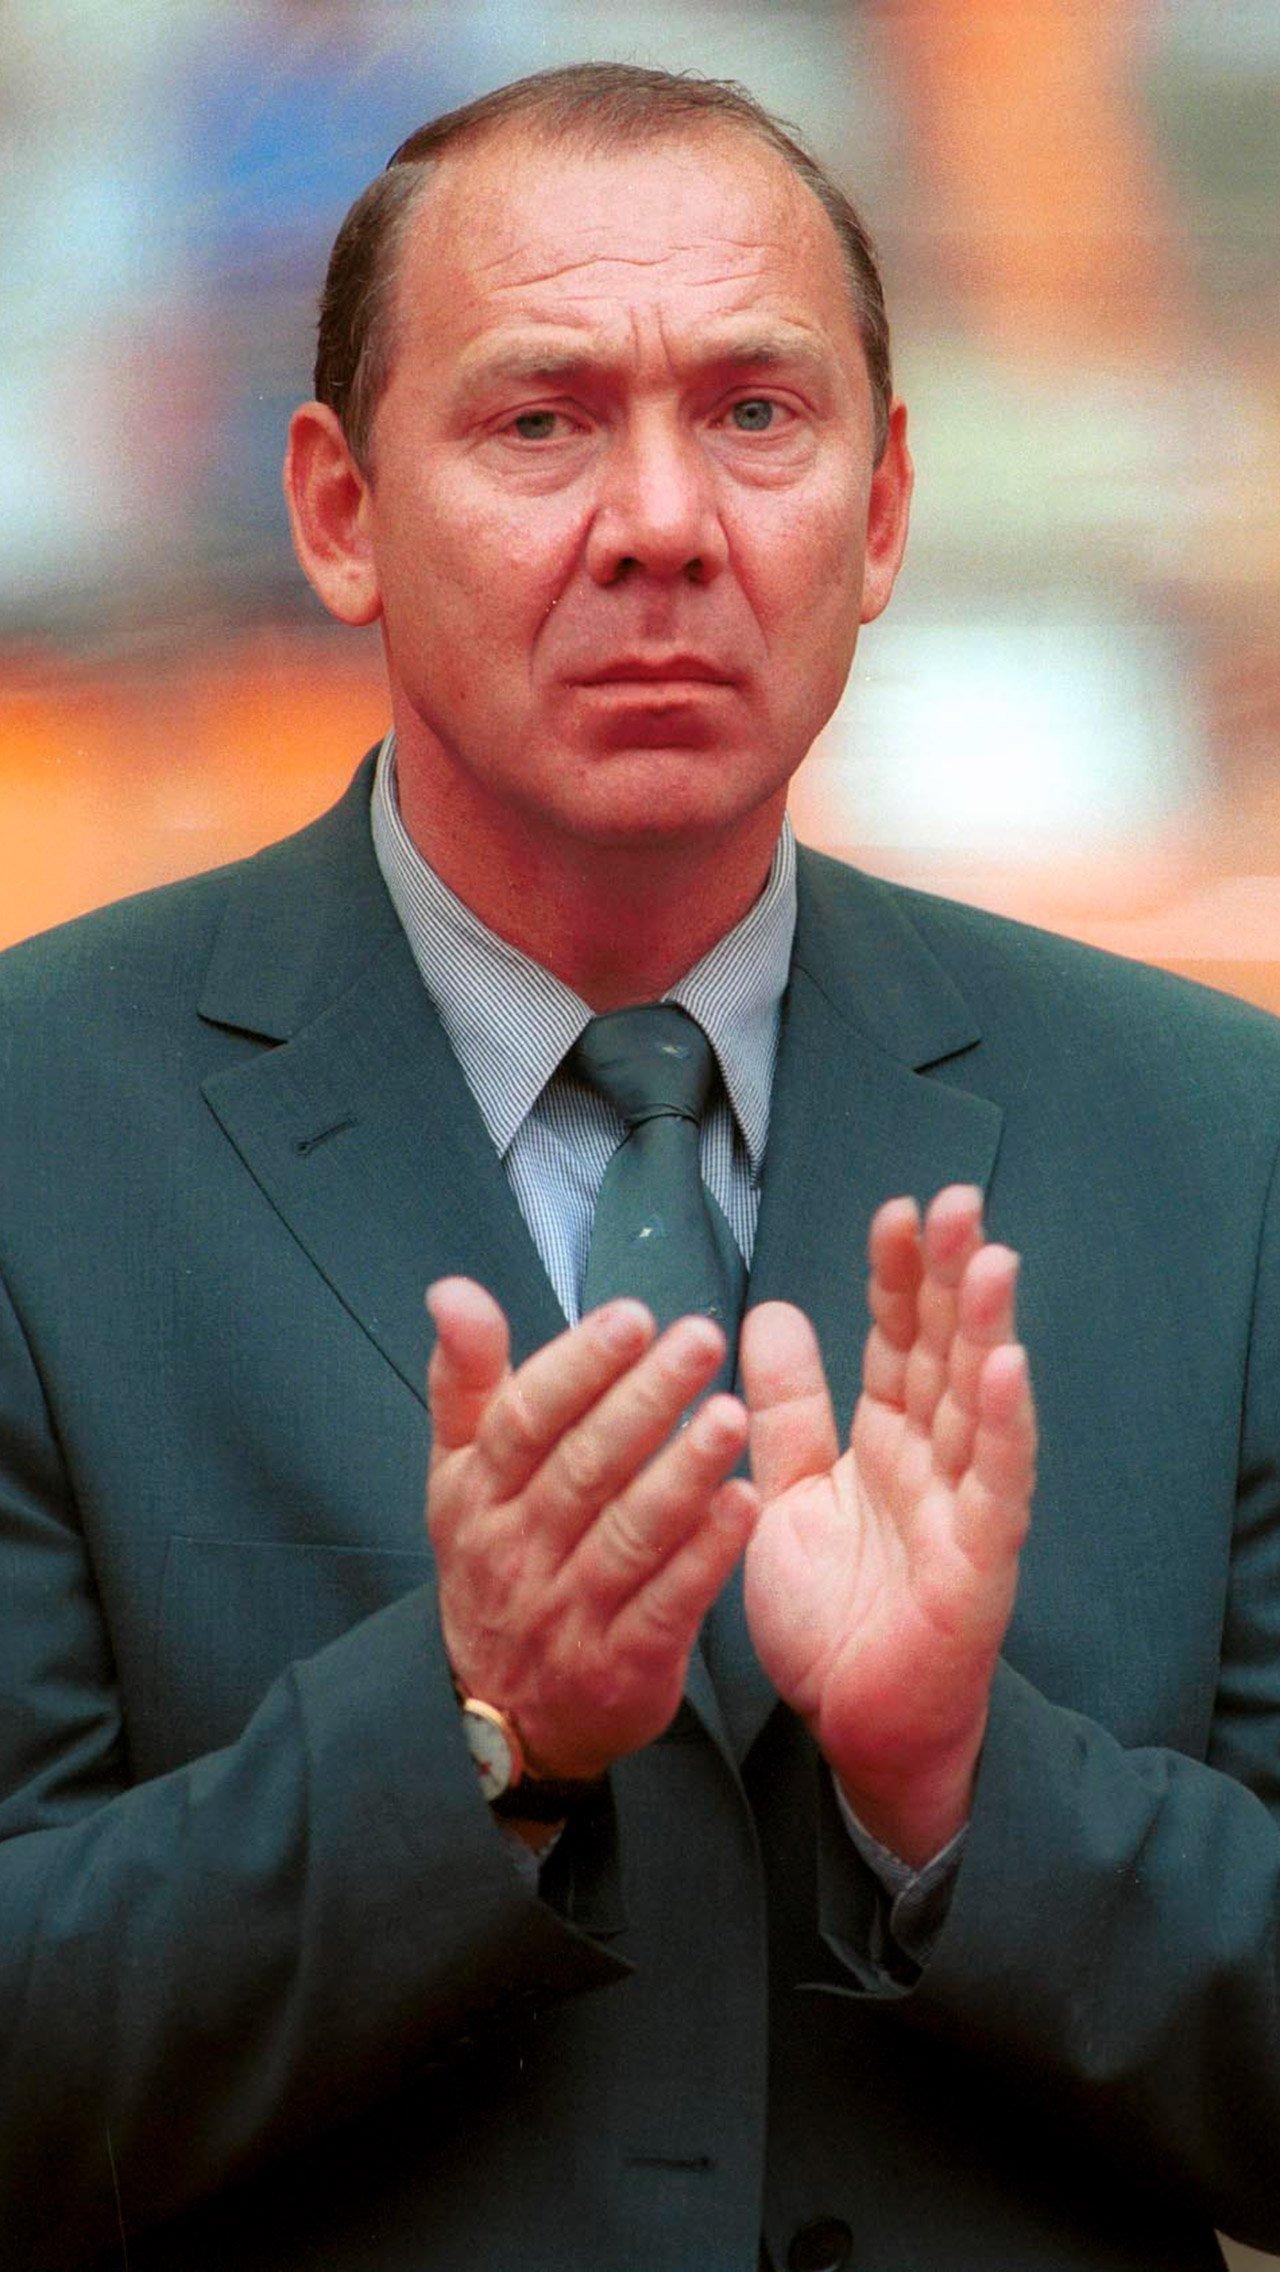 Романцев Евро-1996: <br/> «С привлечением тех, кто играет за рубежом, команда потеряла русский дух».<br/>